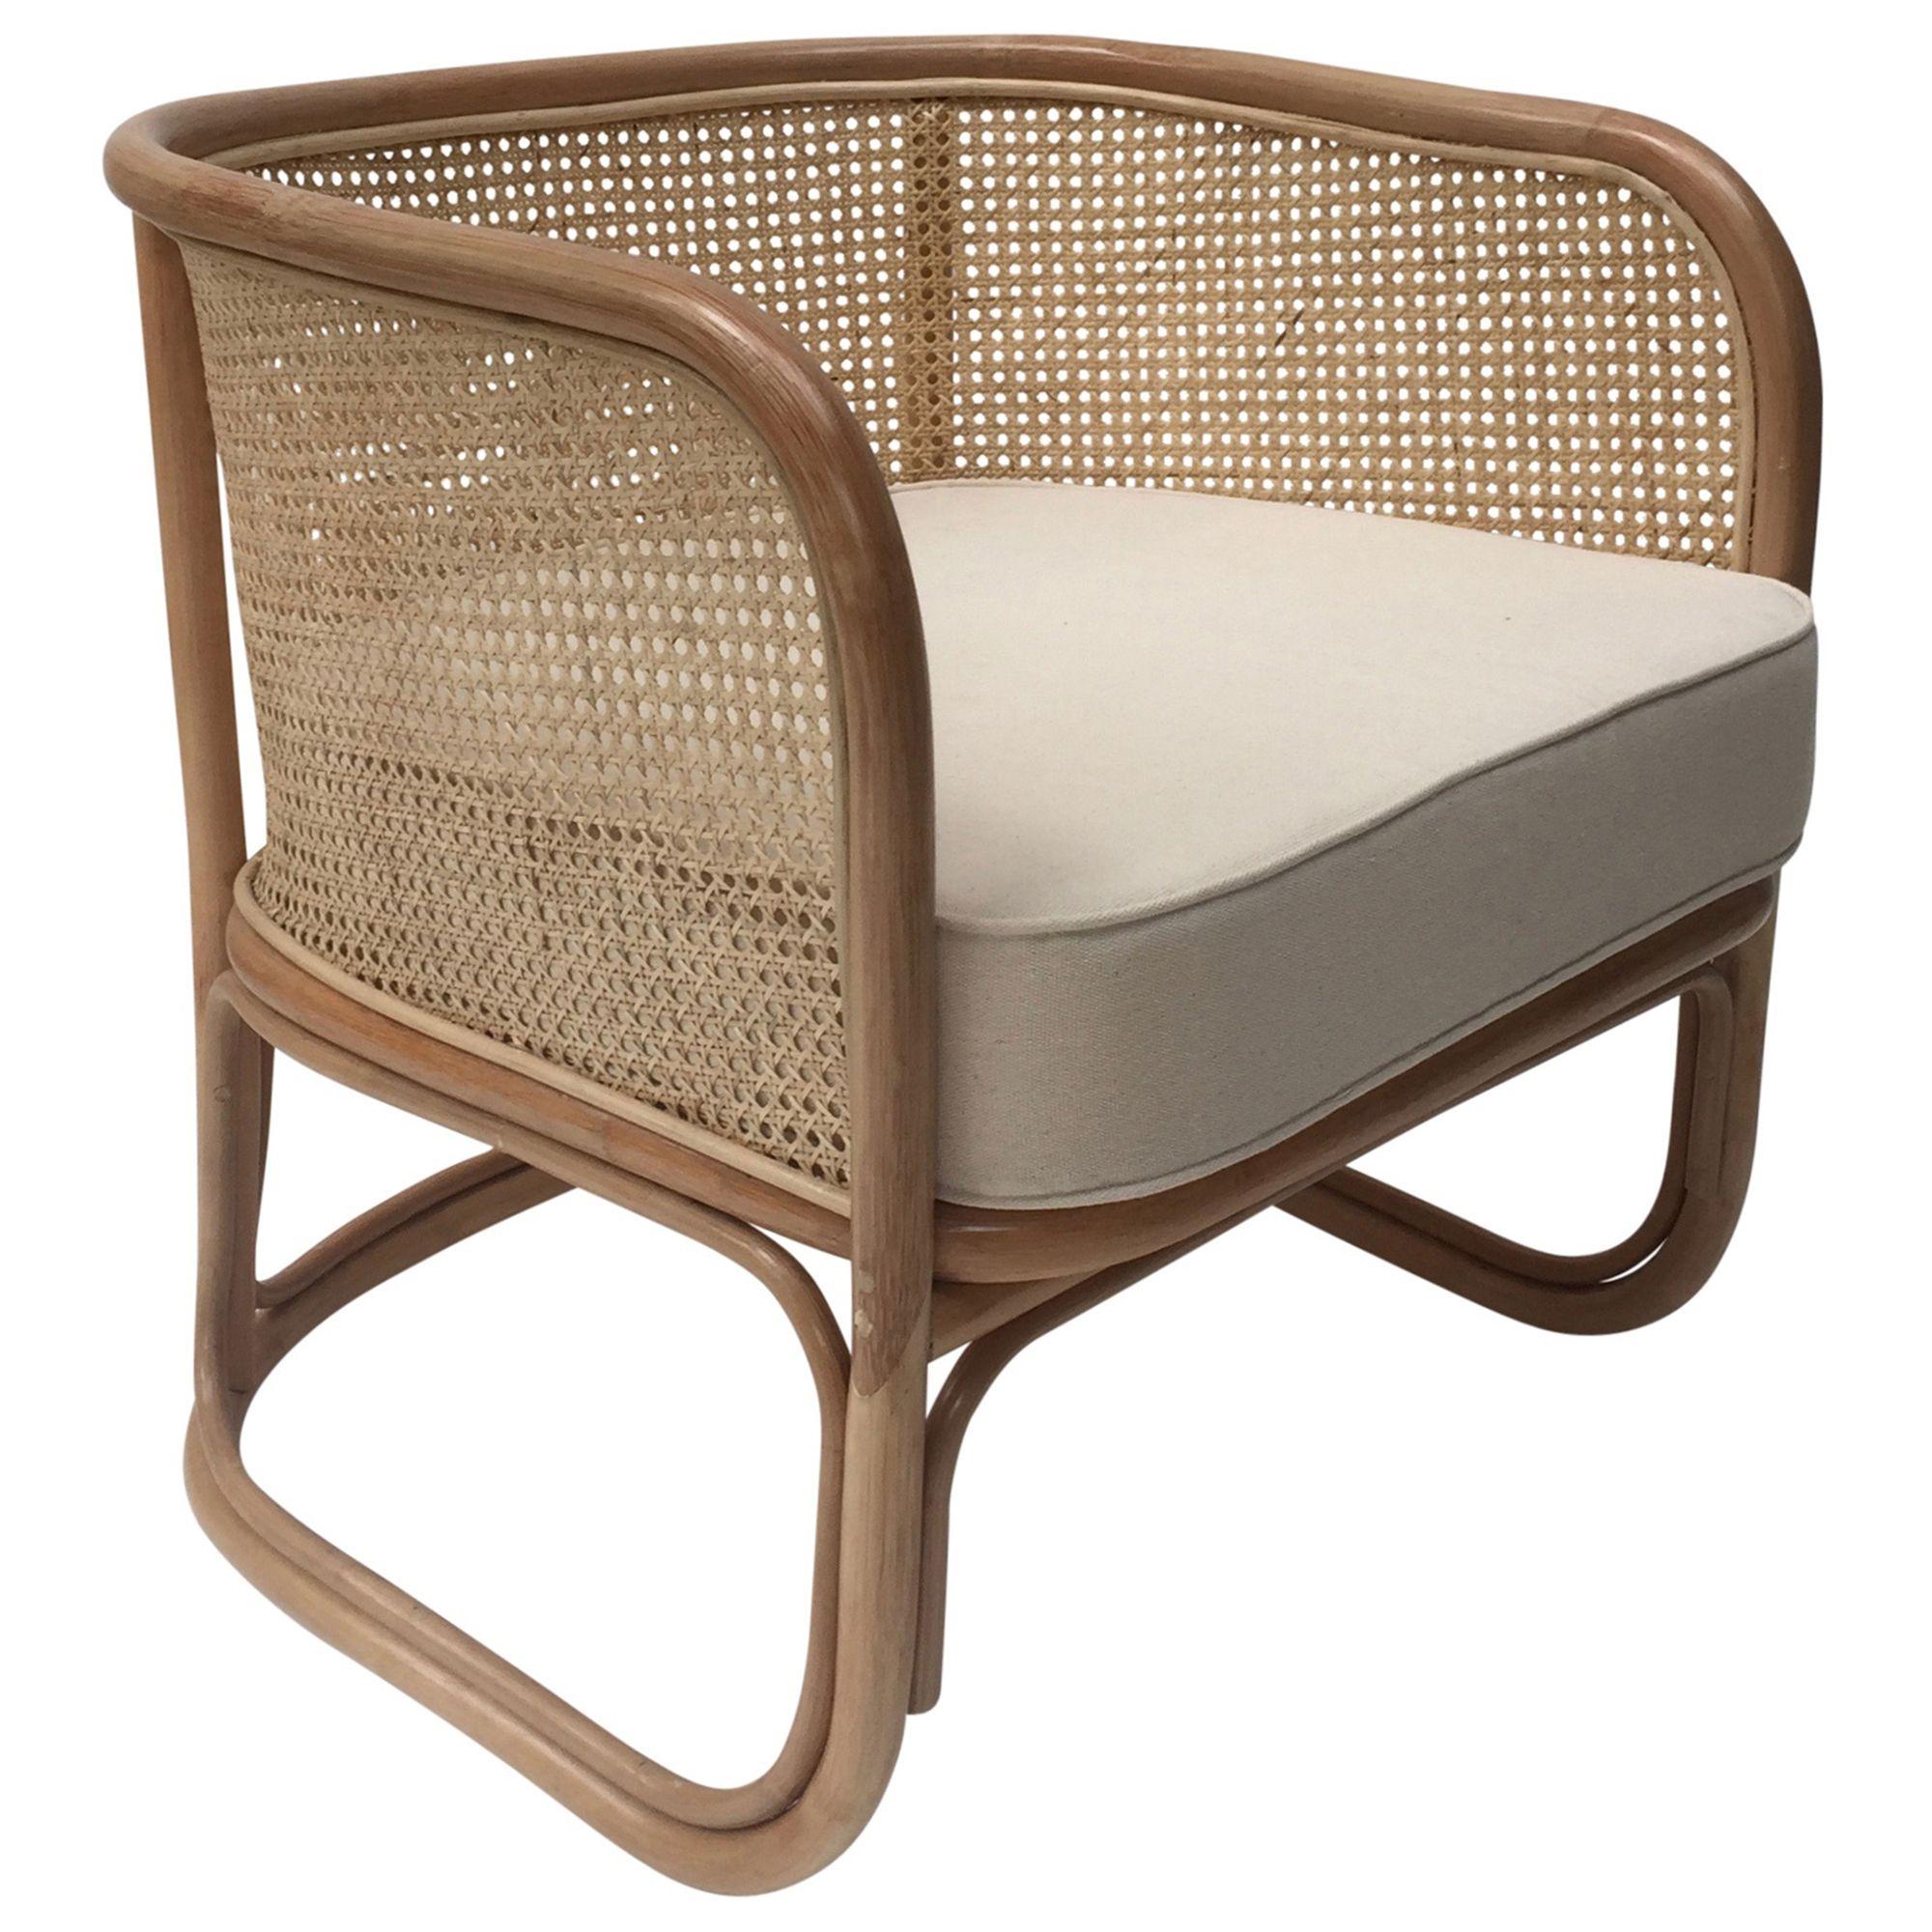 Joplin Rattan Lounge Chair Temple Webster 499